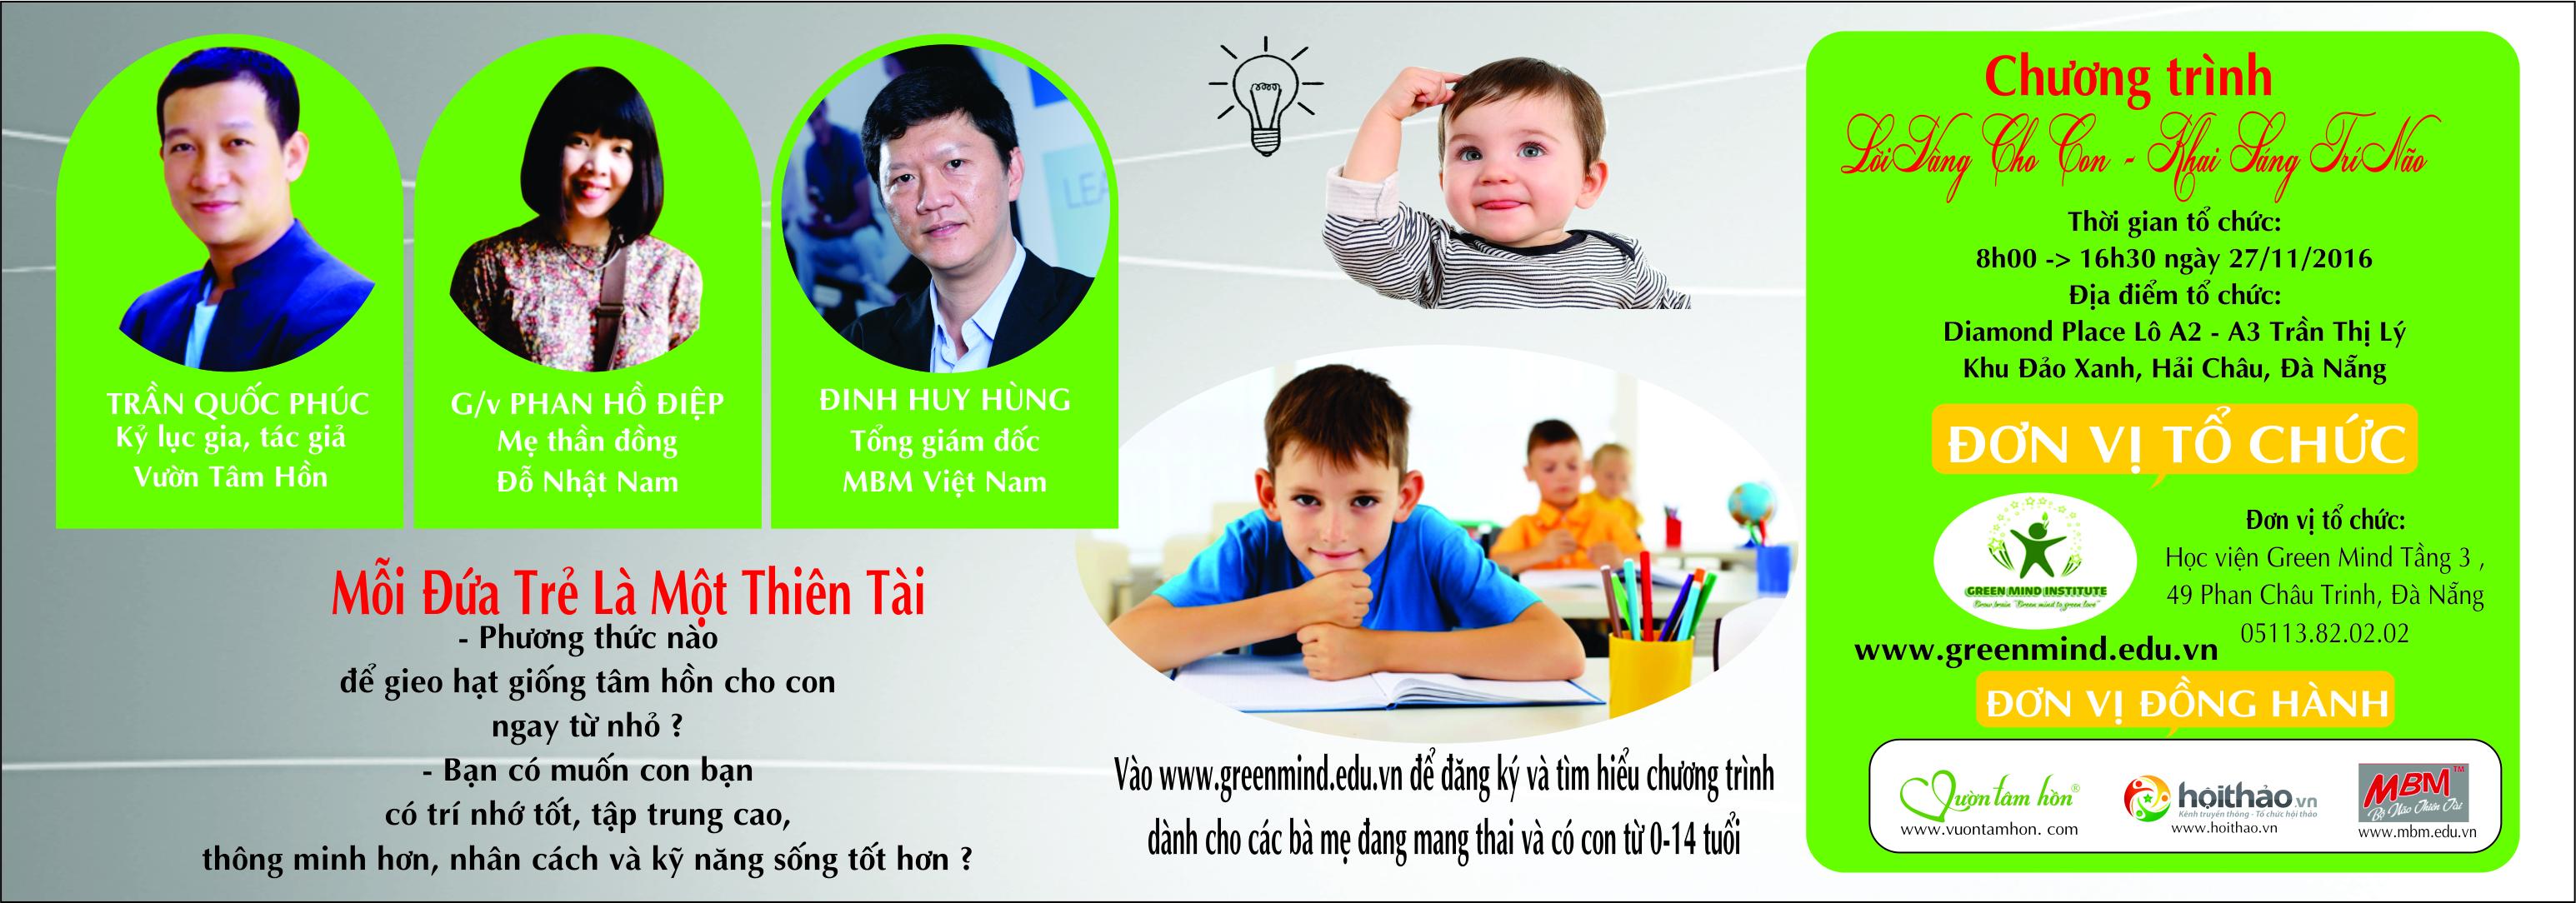 Lời vàng cho con 5 tại Đà Nẵng